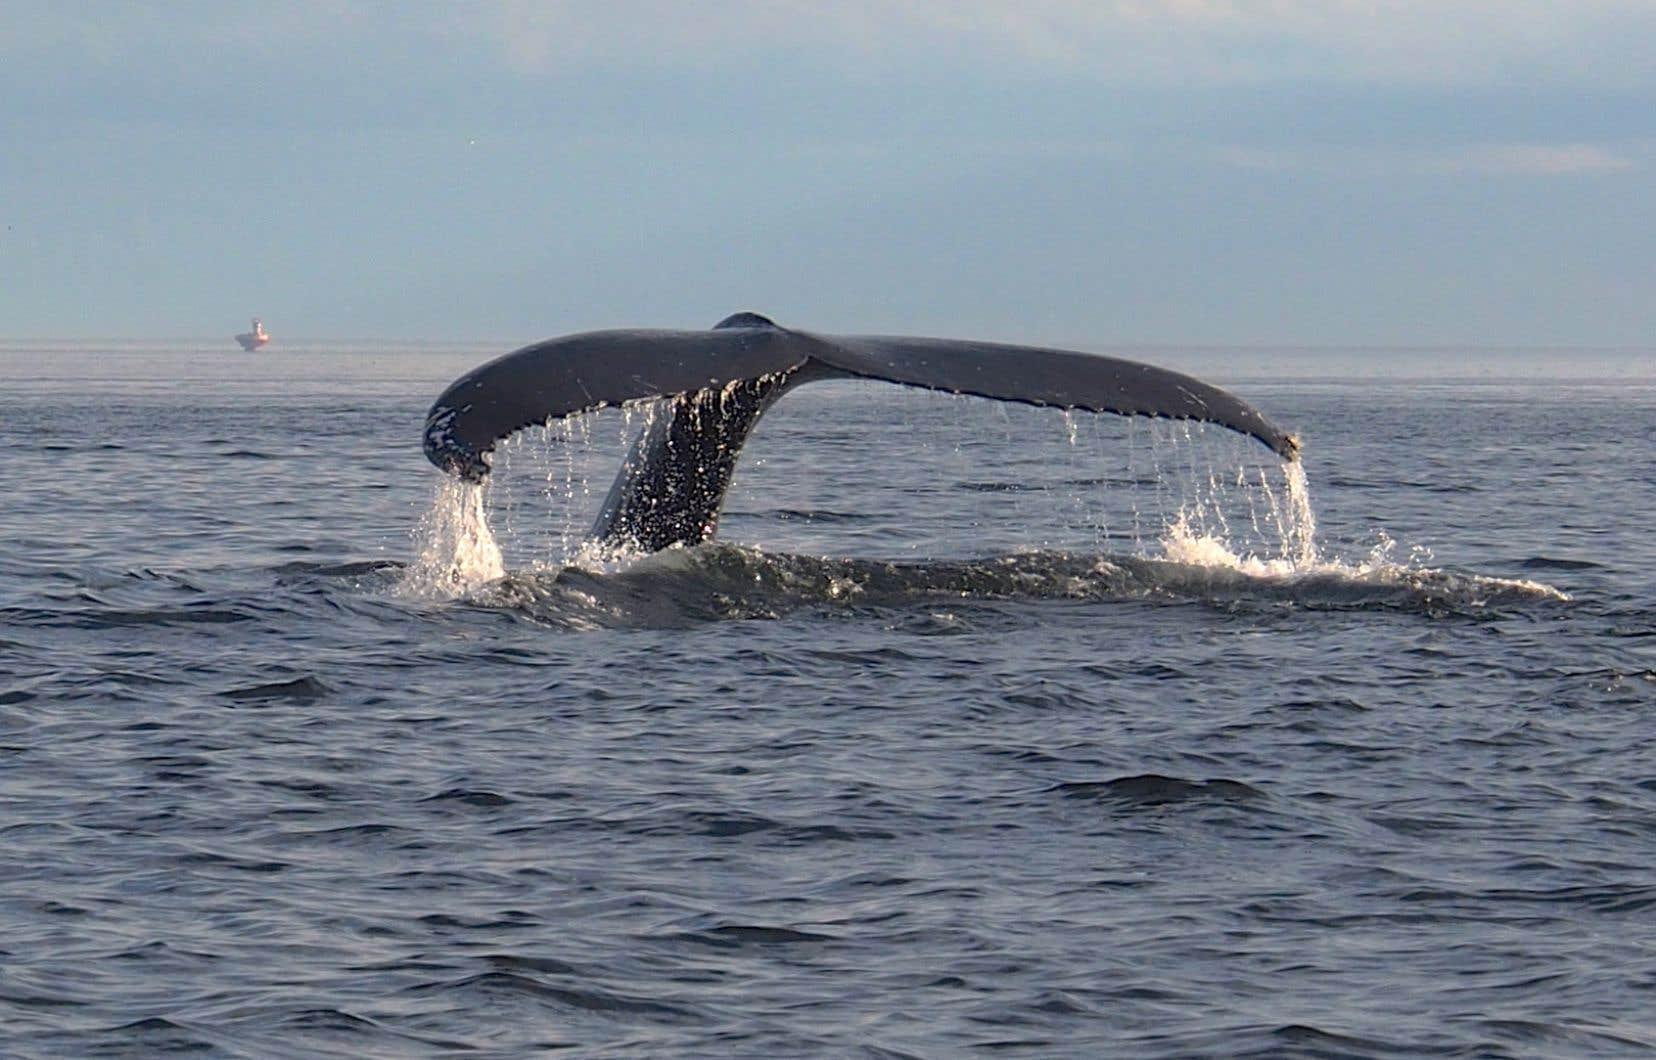 Le parc marin du Saguenay–Saint-Laurent, le seul du genre au Québec, a été créé pour protéger la biodiversité de l'estuaire, dont les cétacés qui le fréquentent assidûment. Ici, la baleine à bosse Tic Tac Toe, une vedette du parc marin.